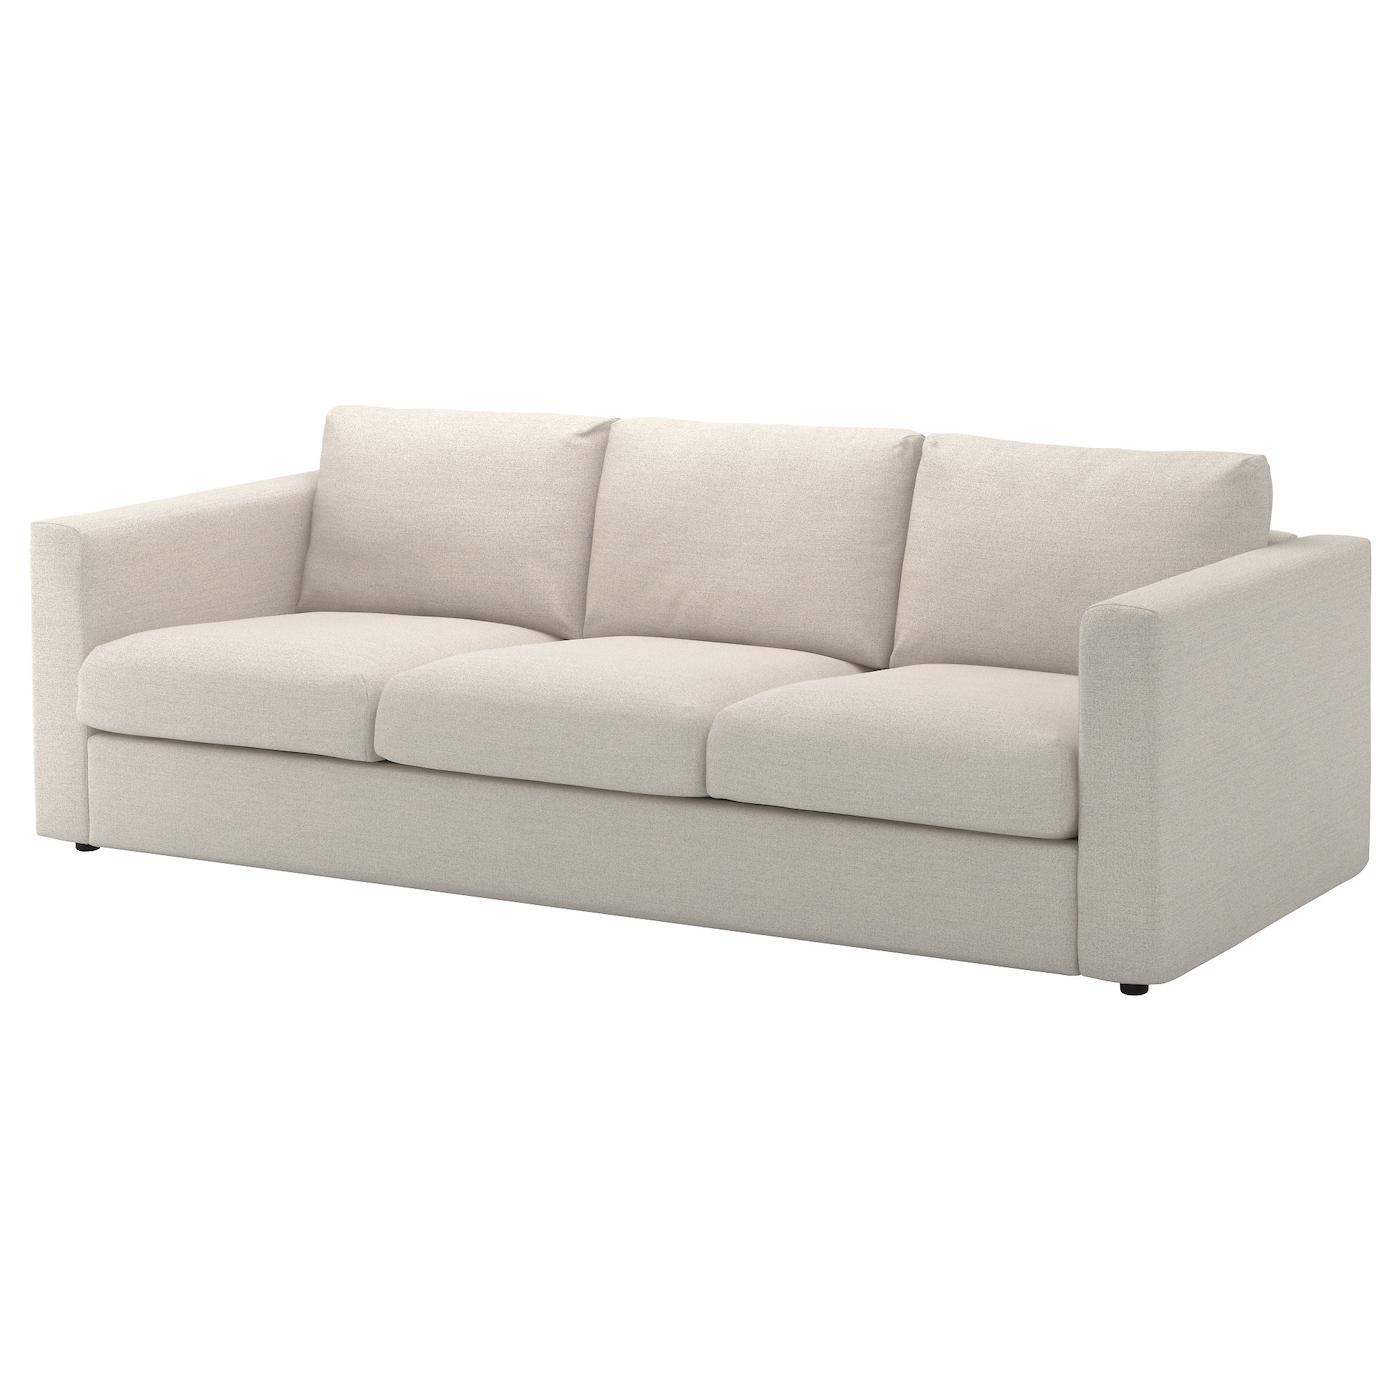 Vimle sof 3 plazas gunnared beige ikea - Ikea fundas de sofas ...